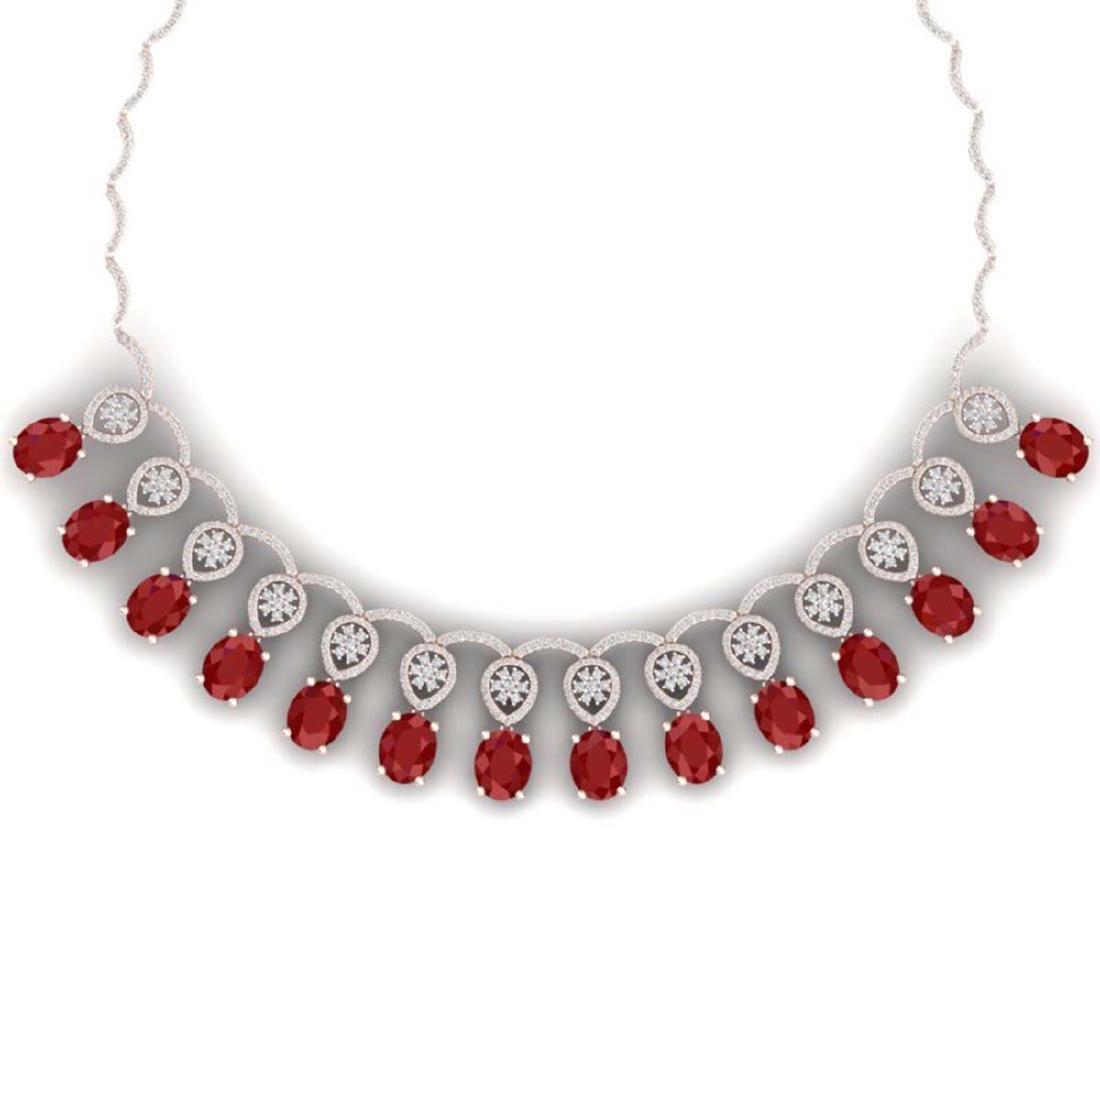 54.05 CTW Royalty Ruby & VS Diamond Necklace 18K Rose